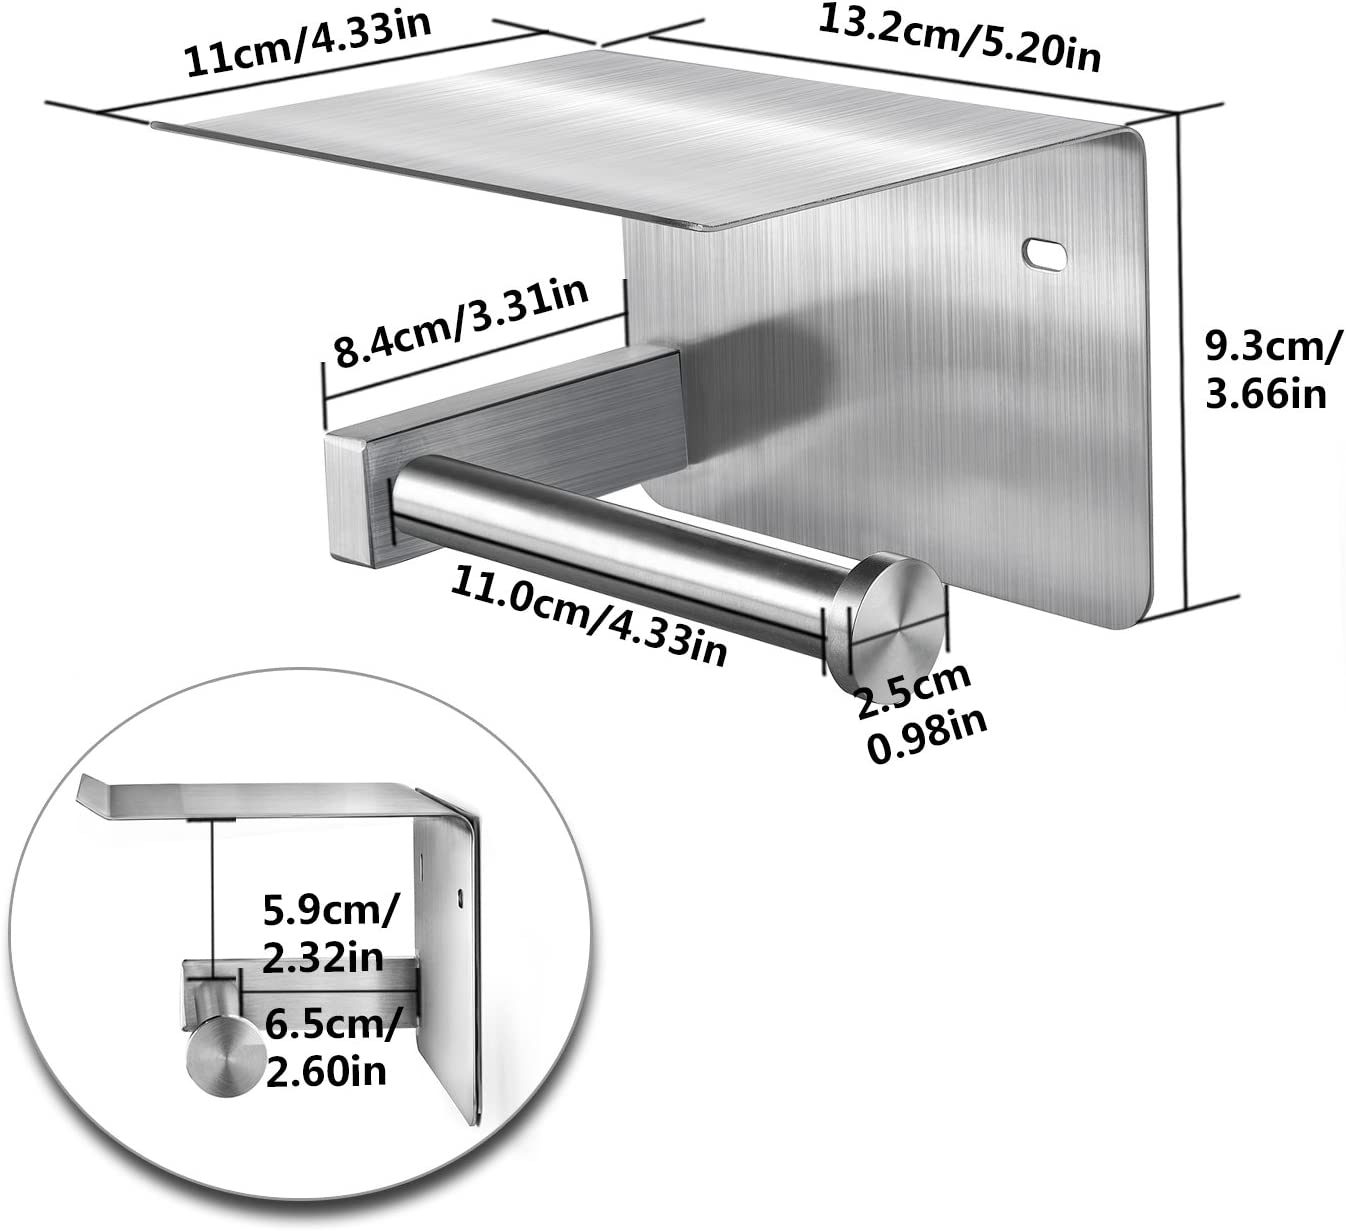 perforazione Susan Porta rotolo di carta igienica in acciaio inossidabile fissato al muro antiruggine con supporto per telefono cellulare Accessorio per il bagno autoadesivo